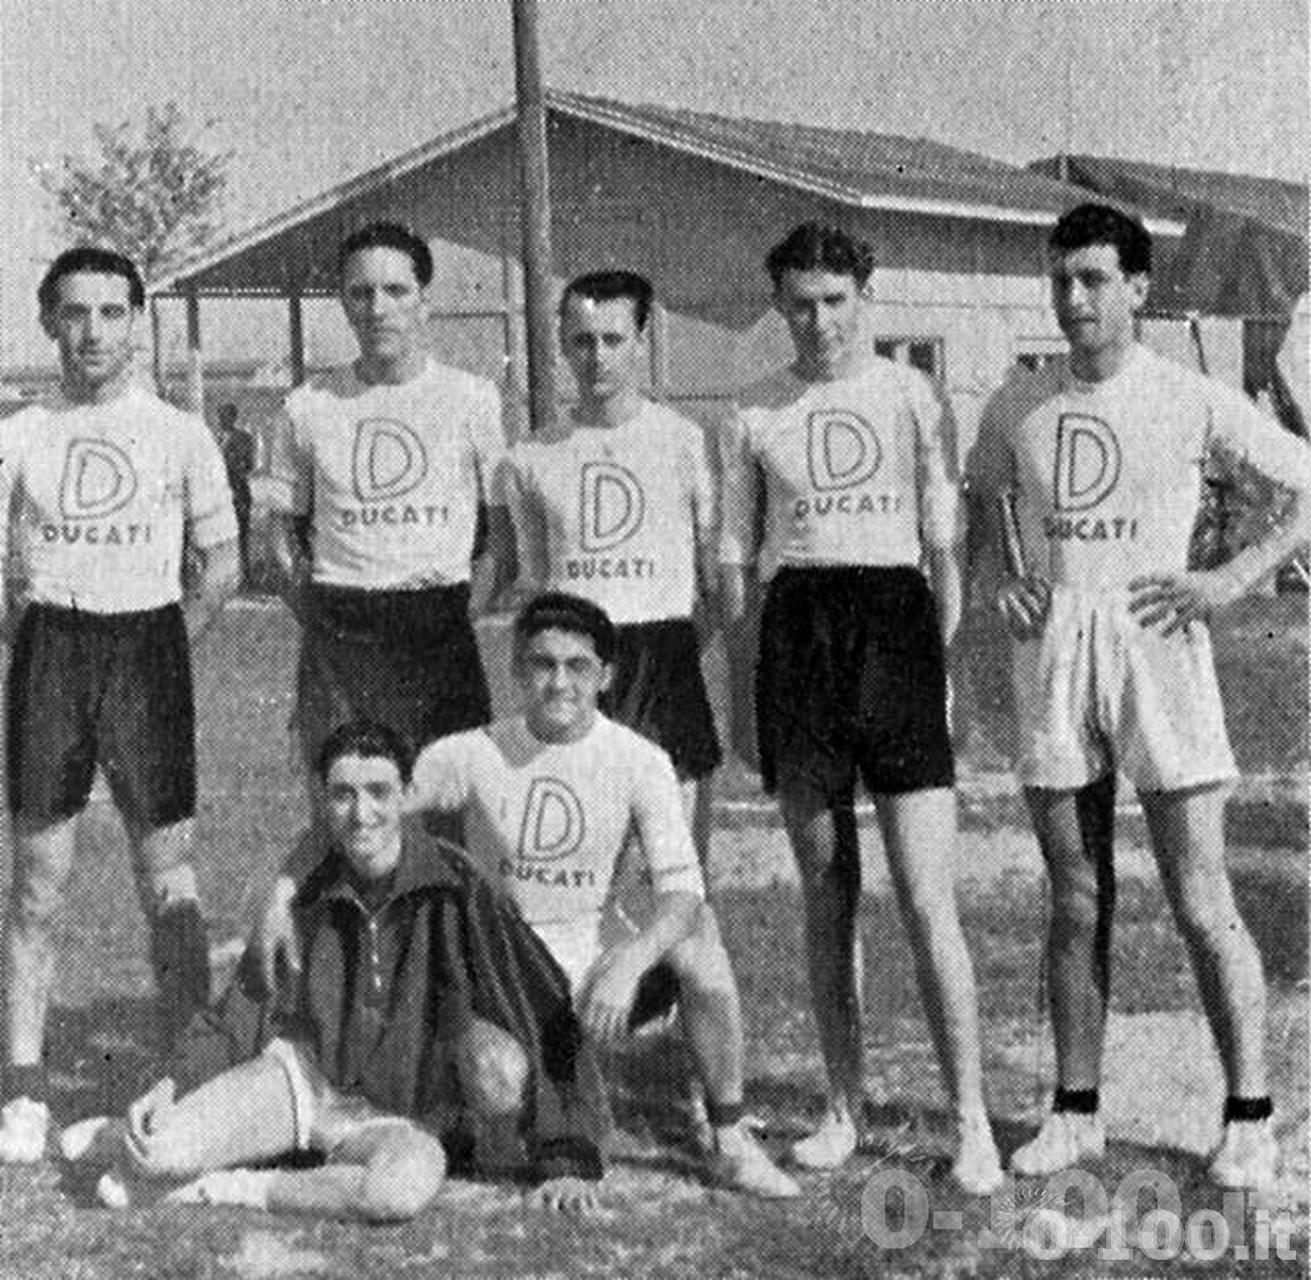 SSR 1939 Squadra Atletica Uomini_Ducati_0-100